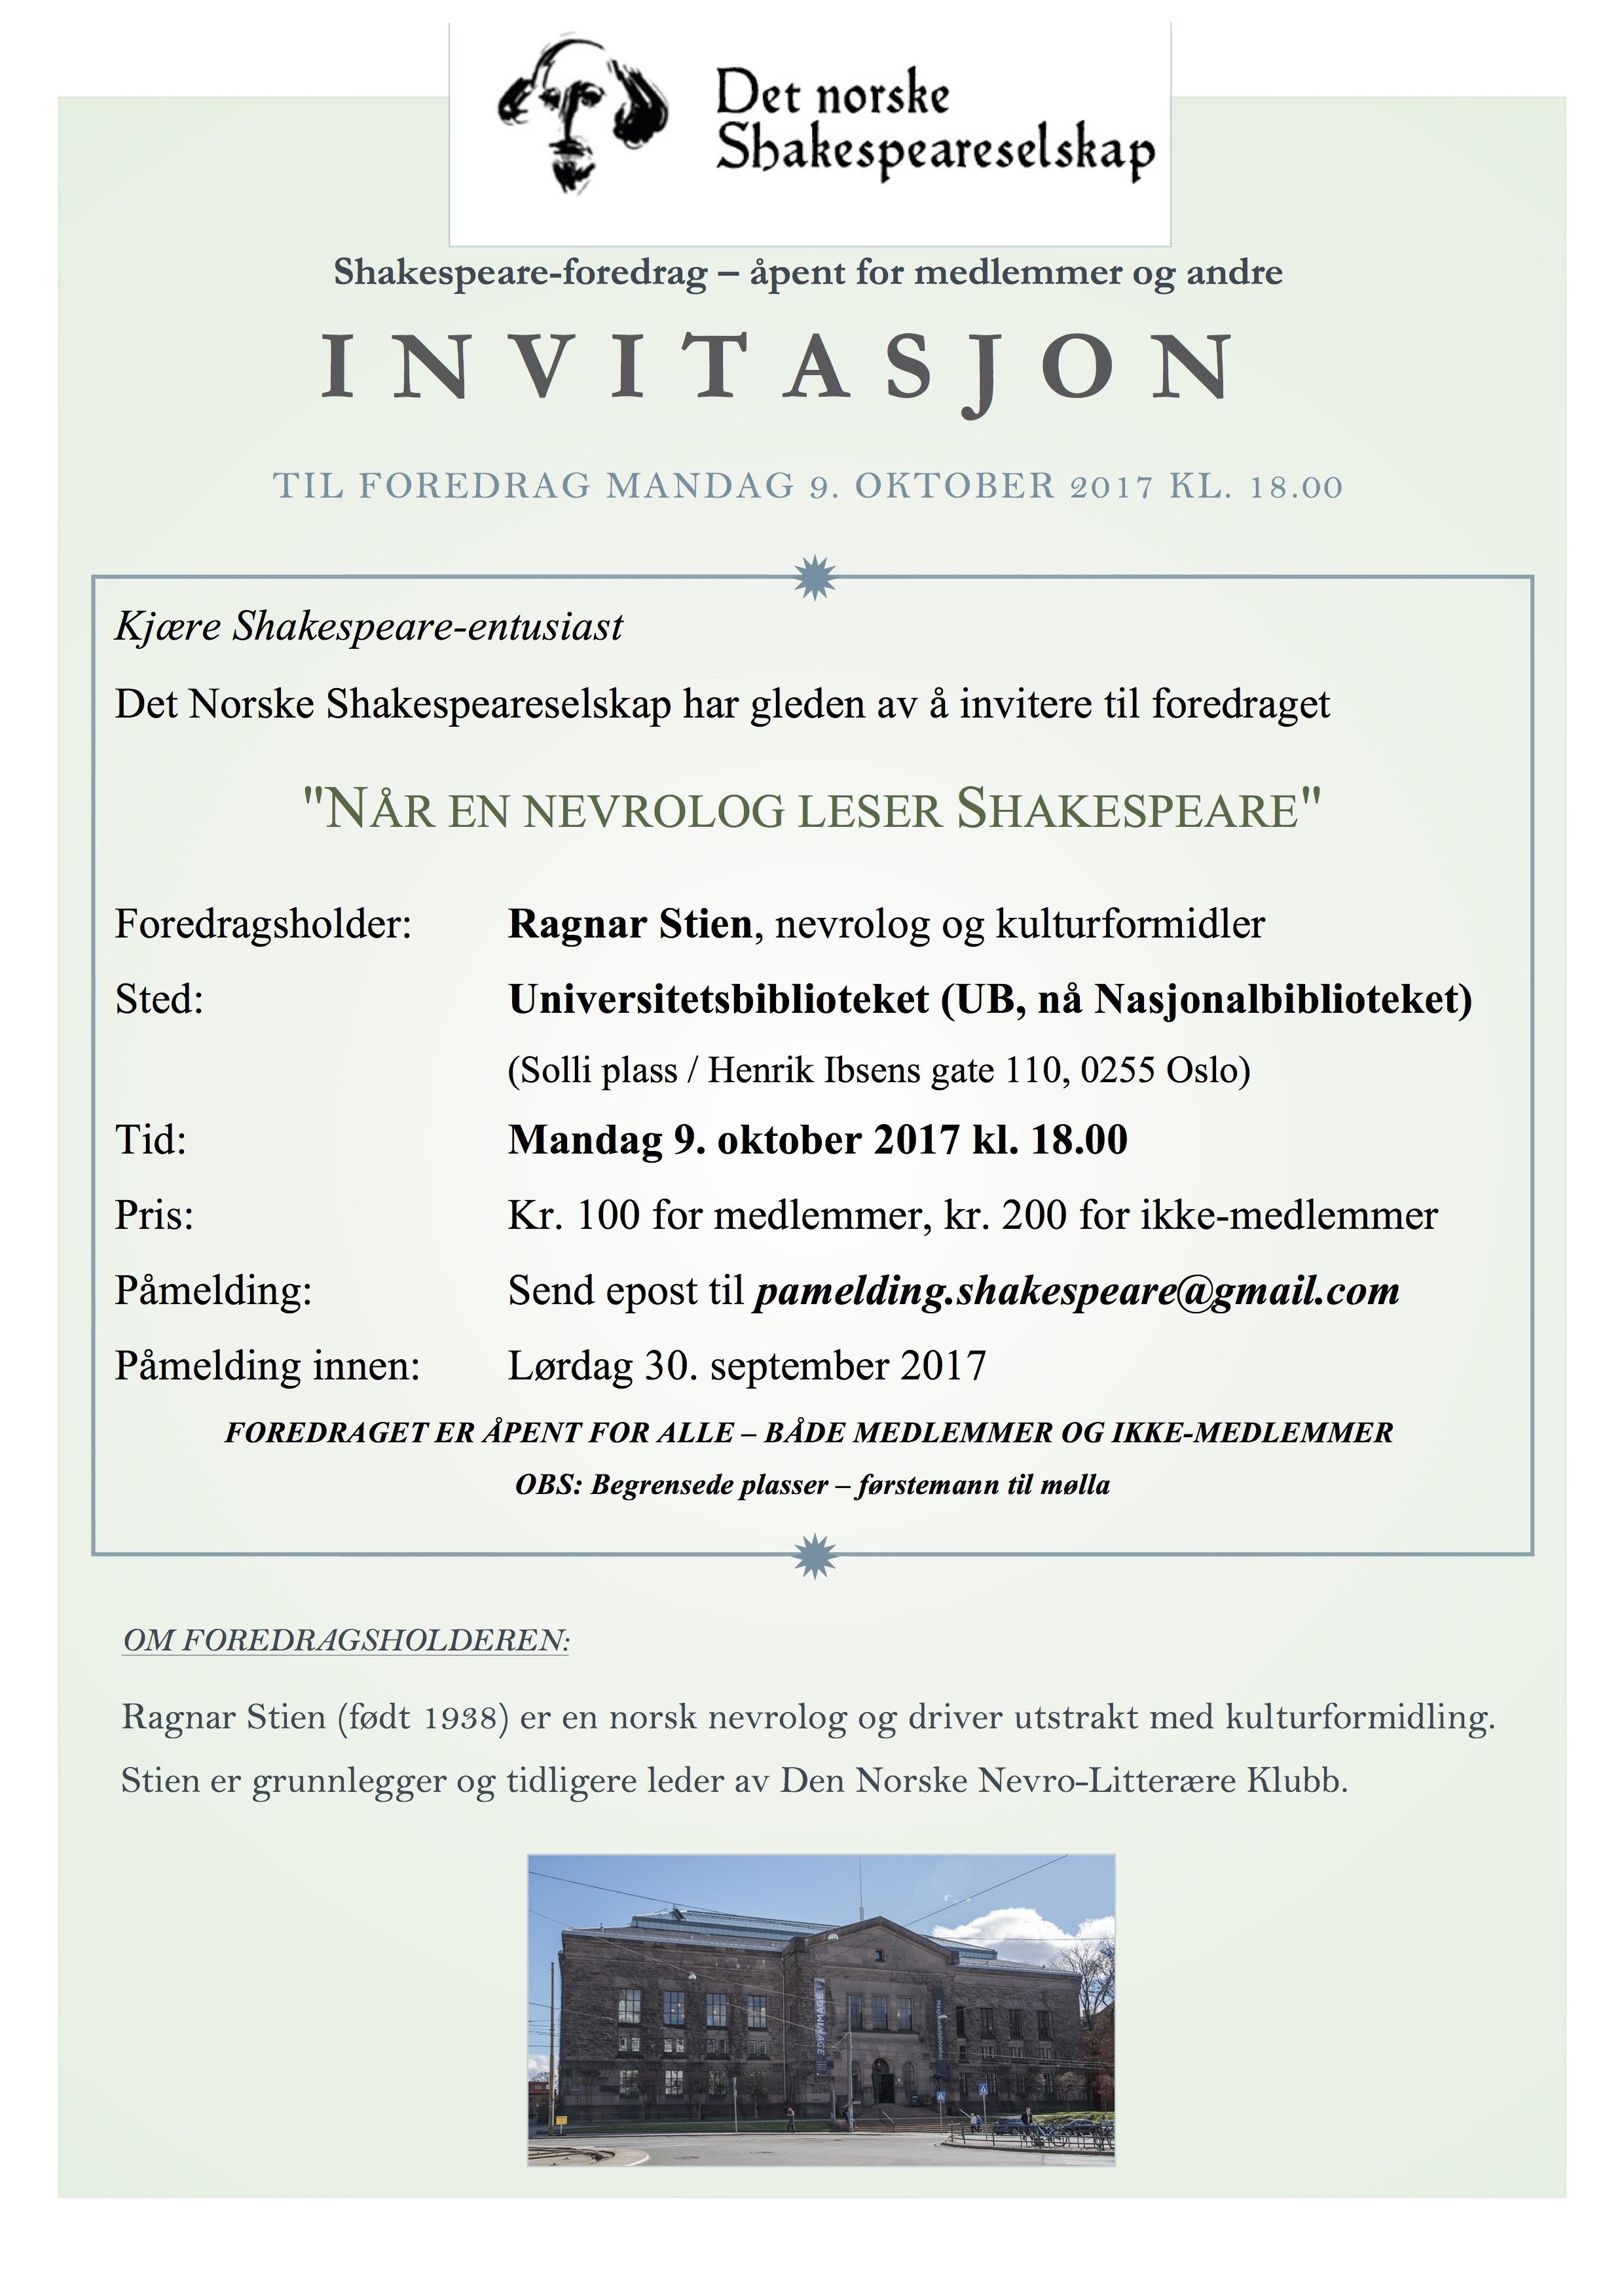 Invitasjon-Stien-okt-2017